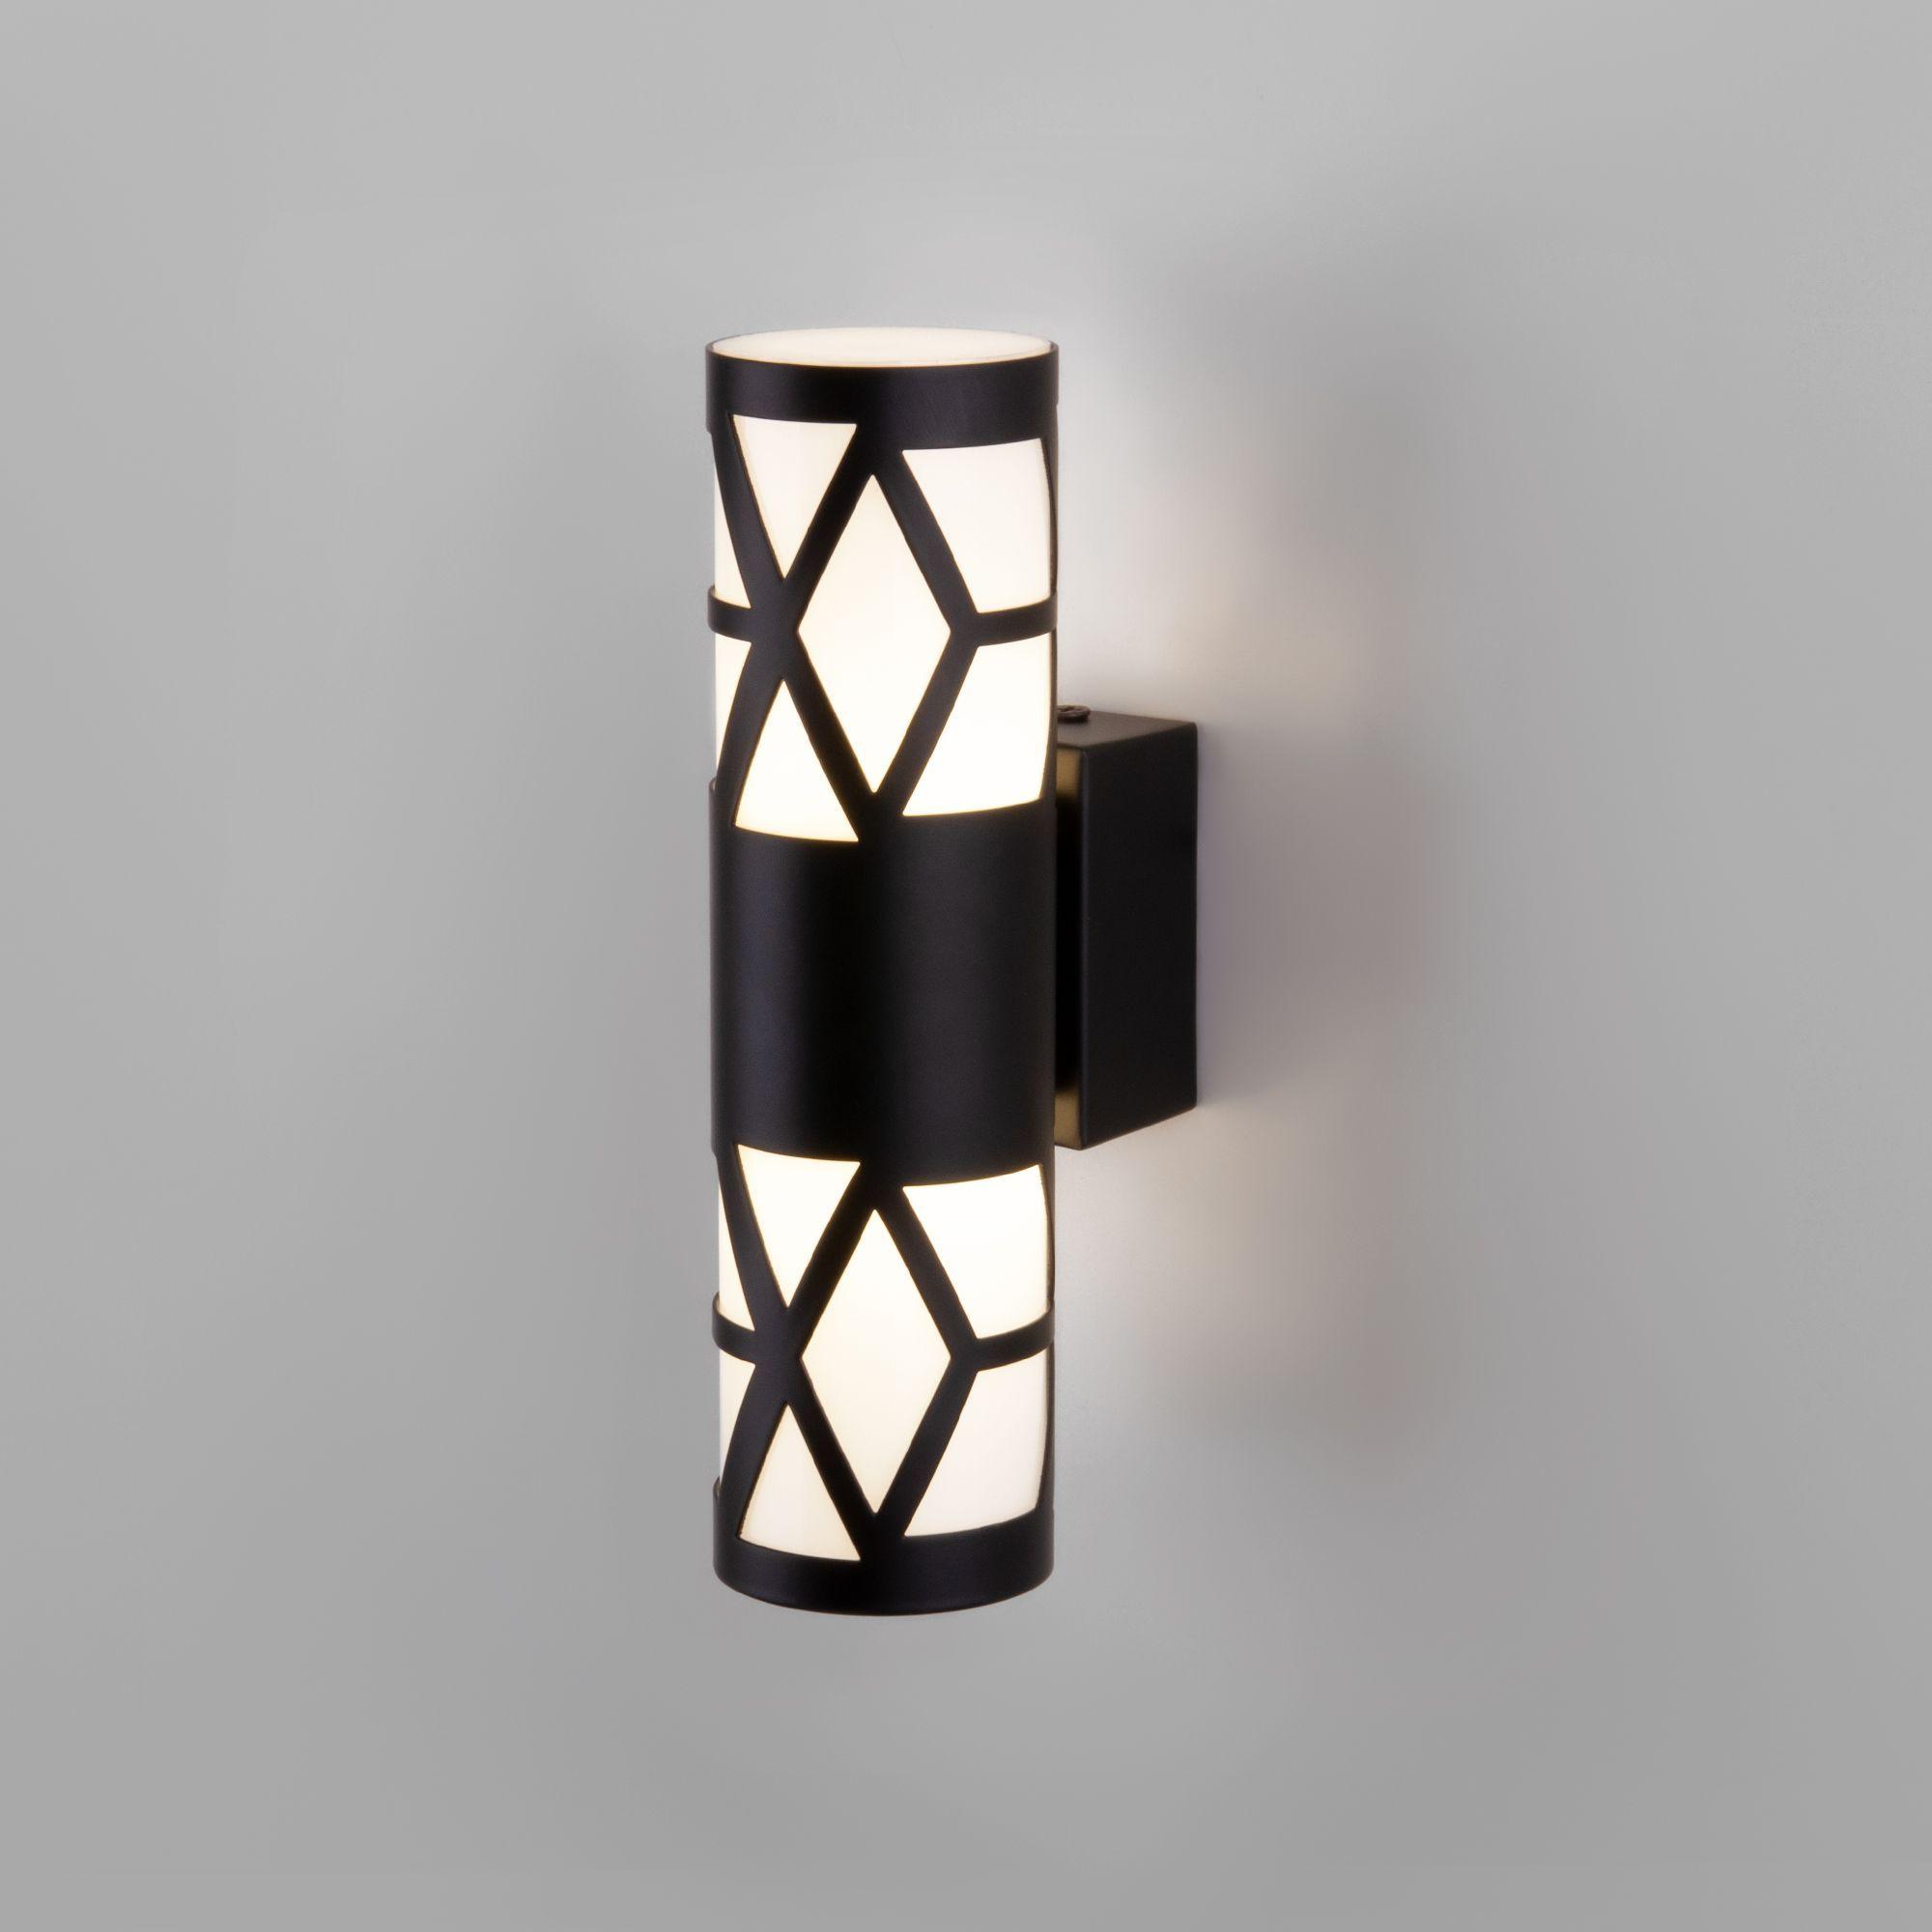 Настенный светодиодный светильник Fanc черный MRL LED 1023